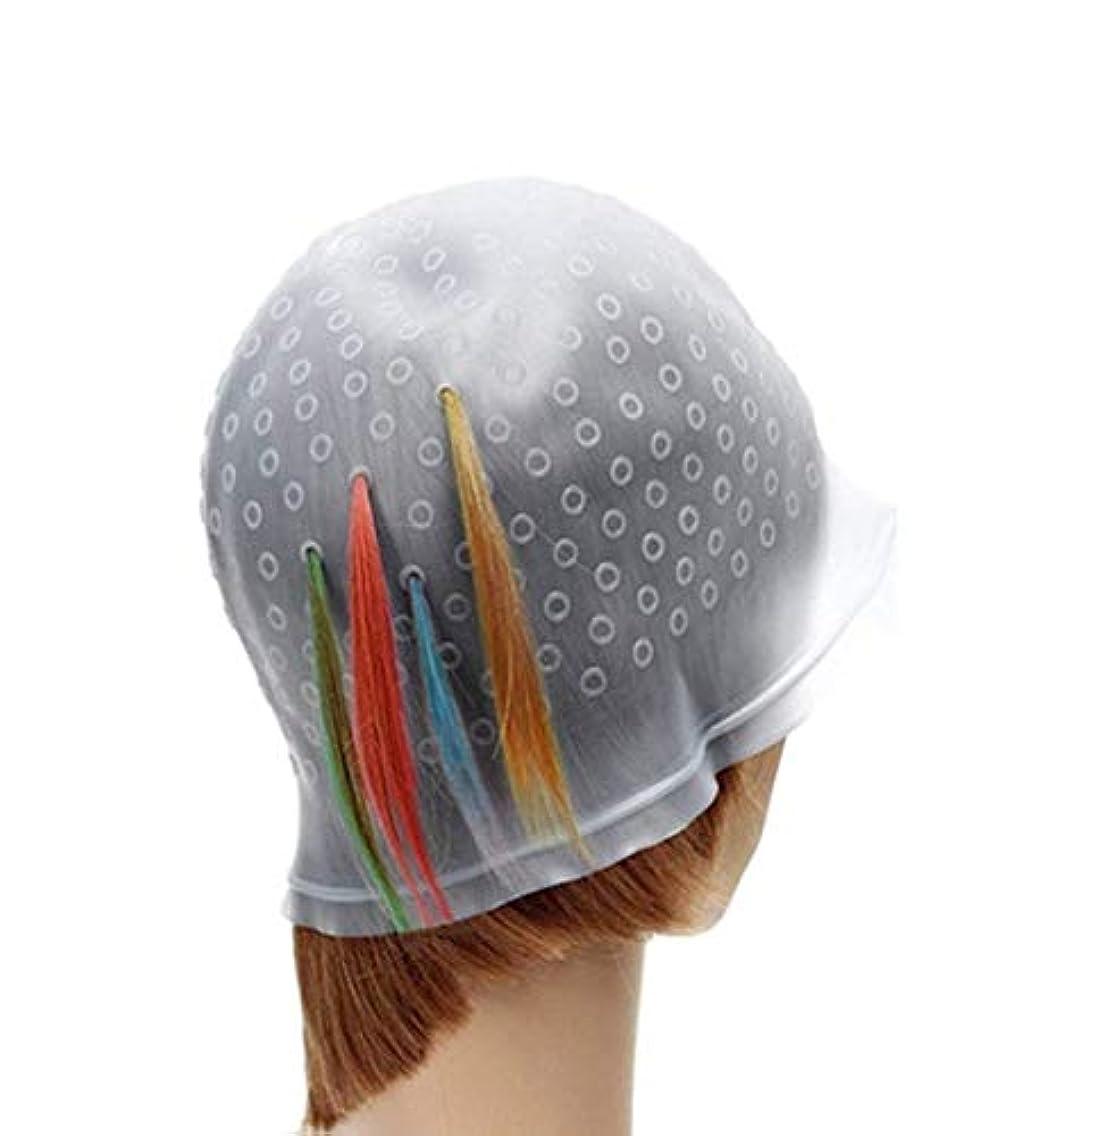 偽物ぼかしアンプFACAI 洗って使える 毛染め ヘアカラー メッシュ 用 シリコン ヘア キャップ 穴あけポンチ シリコン キャップ (透明)